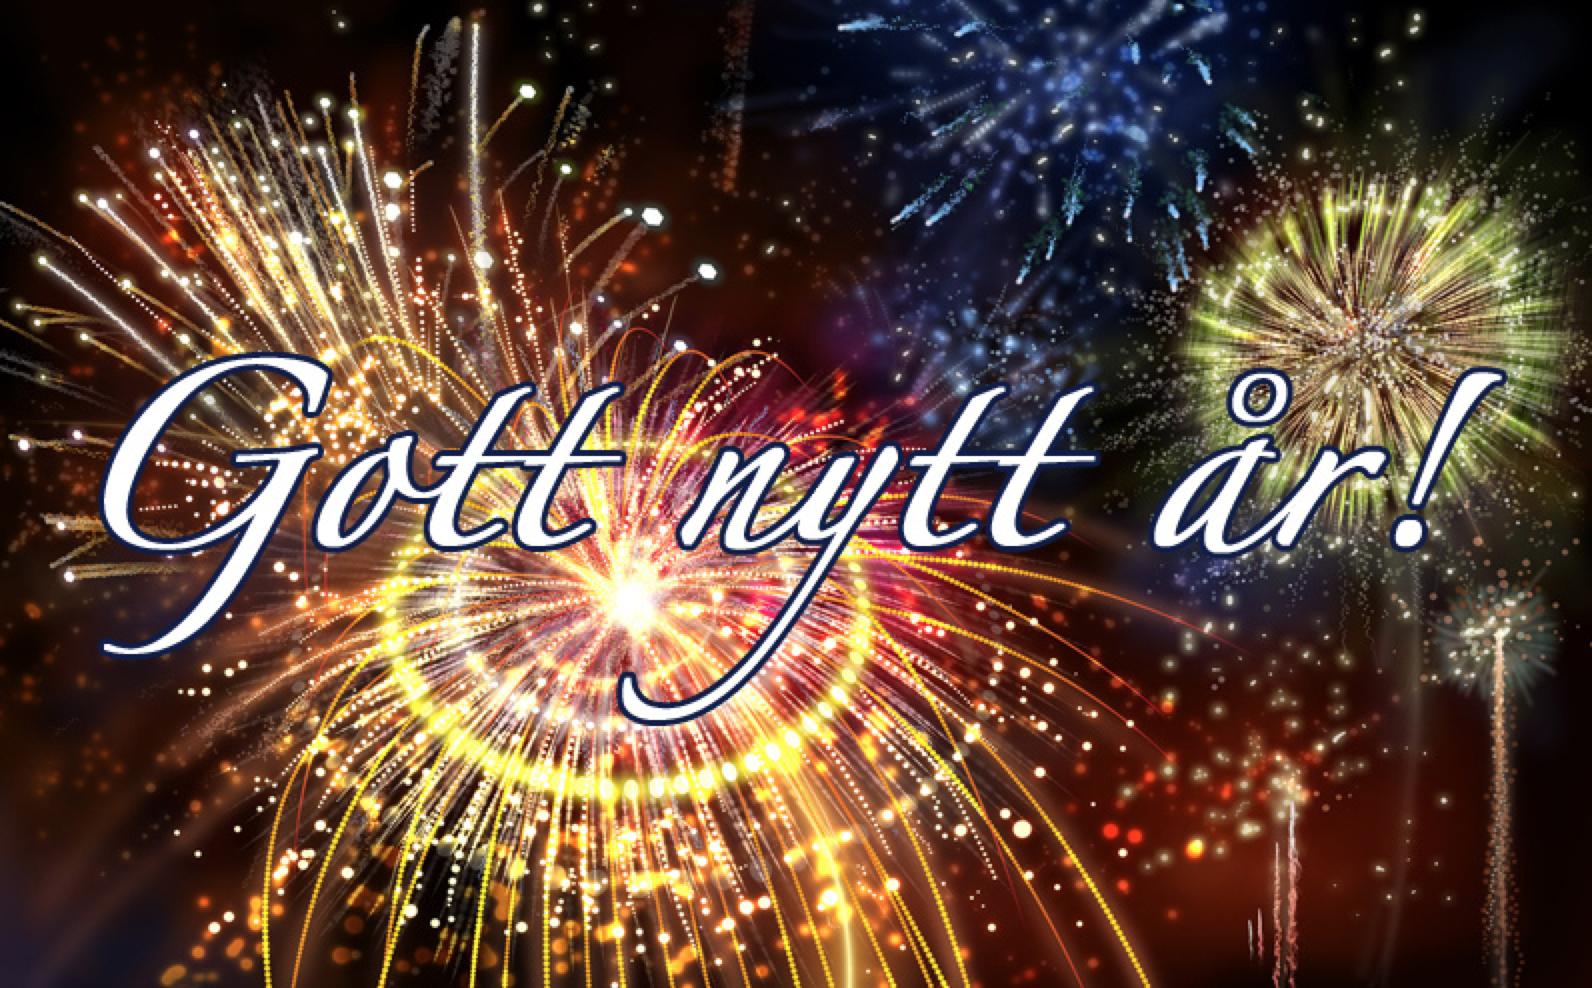 ny år hälsningar december | 2015 | Hylliedal ny år hälsningar